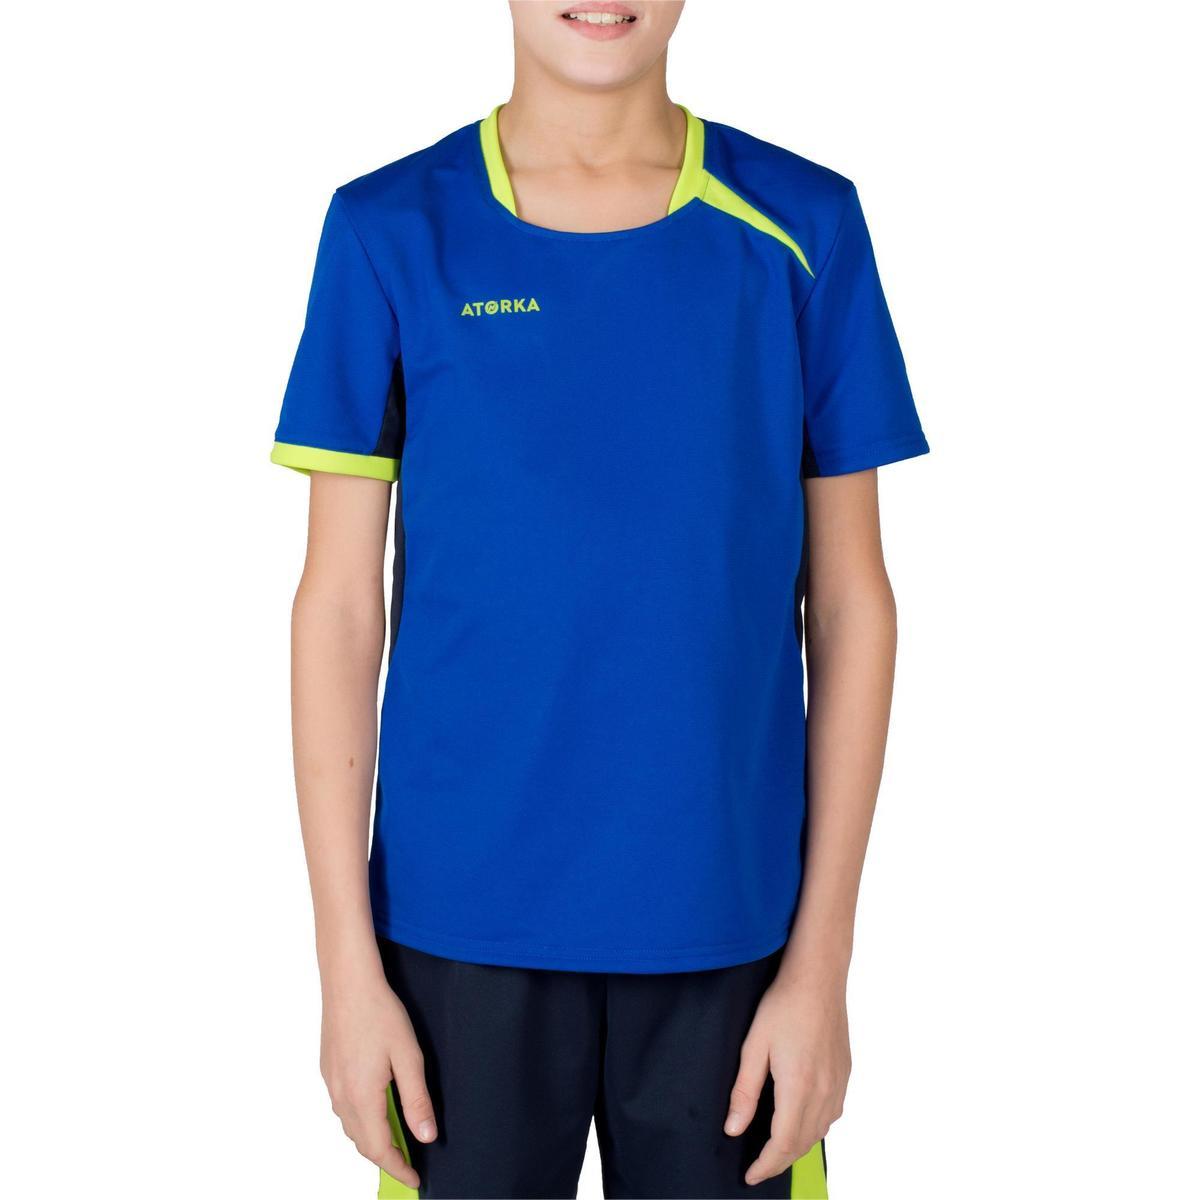 Bild 3 von Handballtrikot H100 Kinder blau/gelb